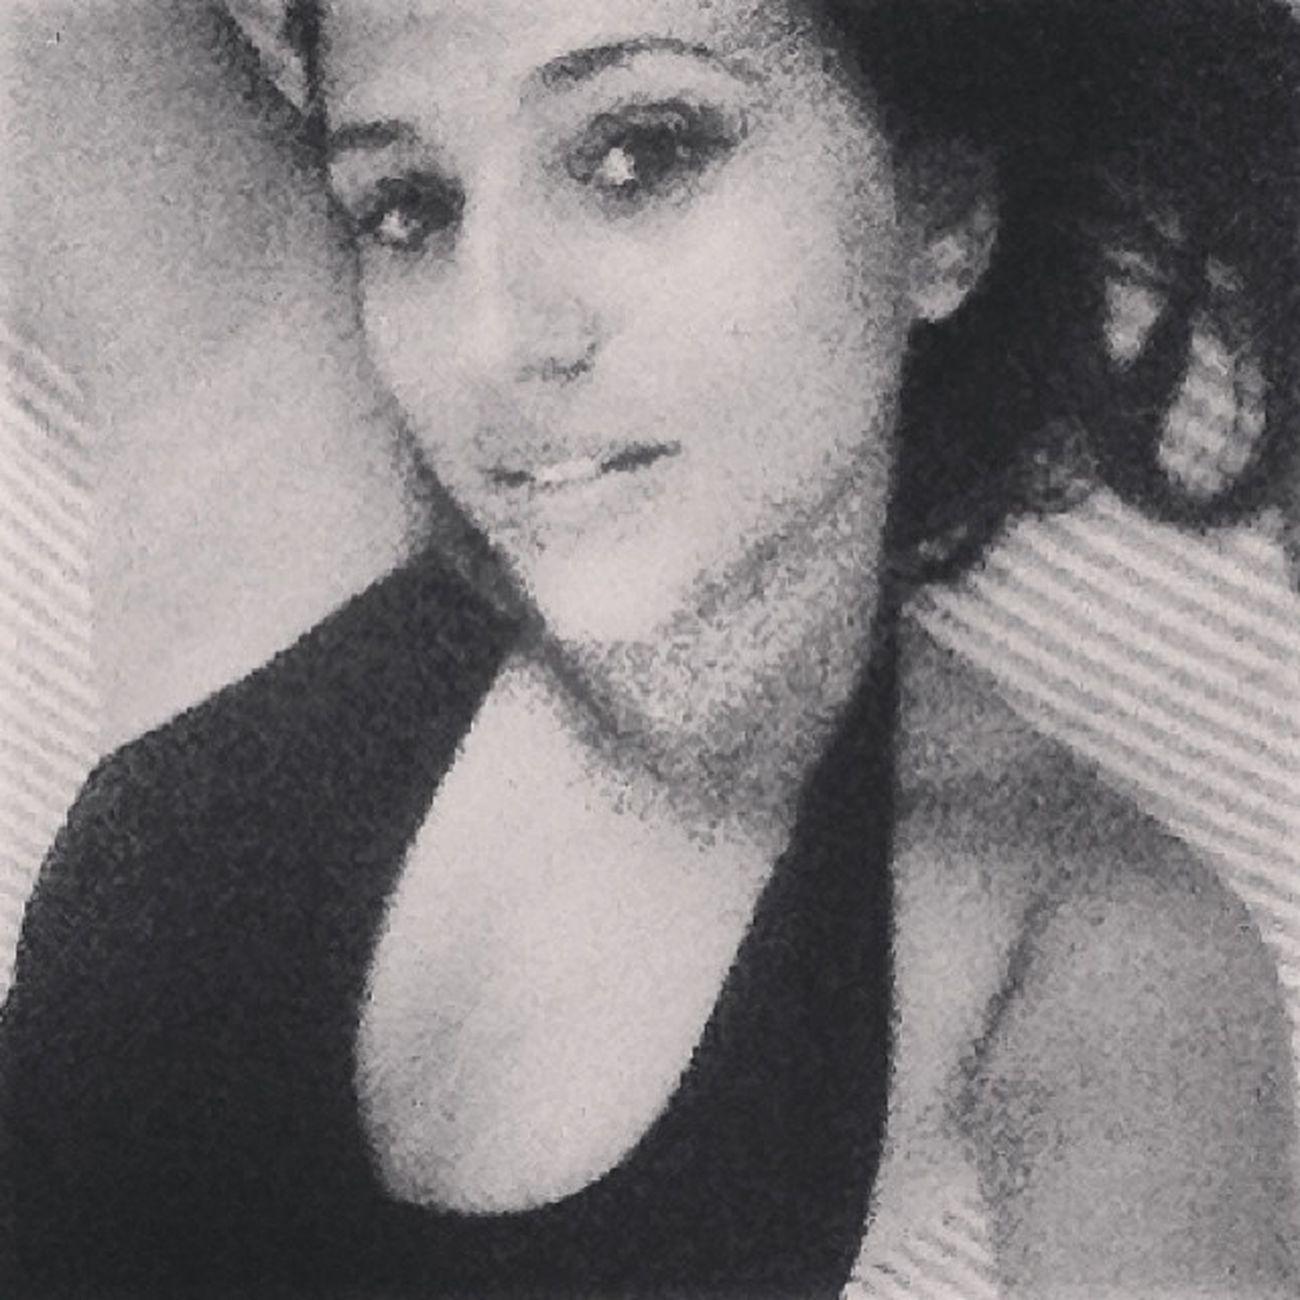 UmJeitoMeninaMulherDeSer Pretoebranco Jogada TotalmenteEu ?☺️